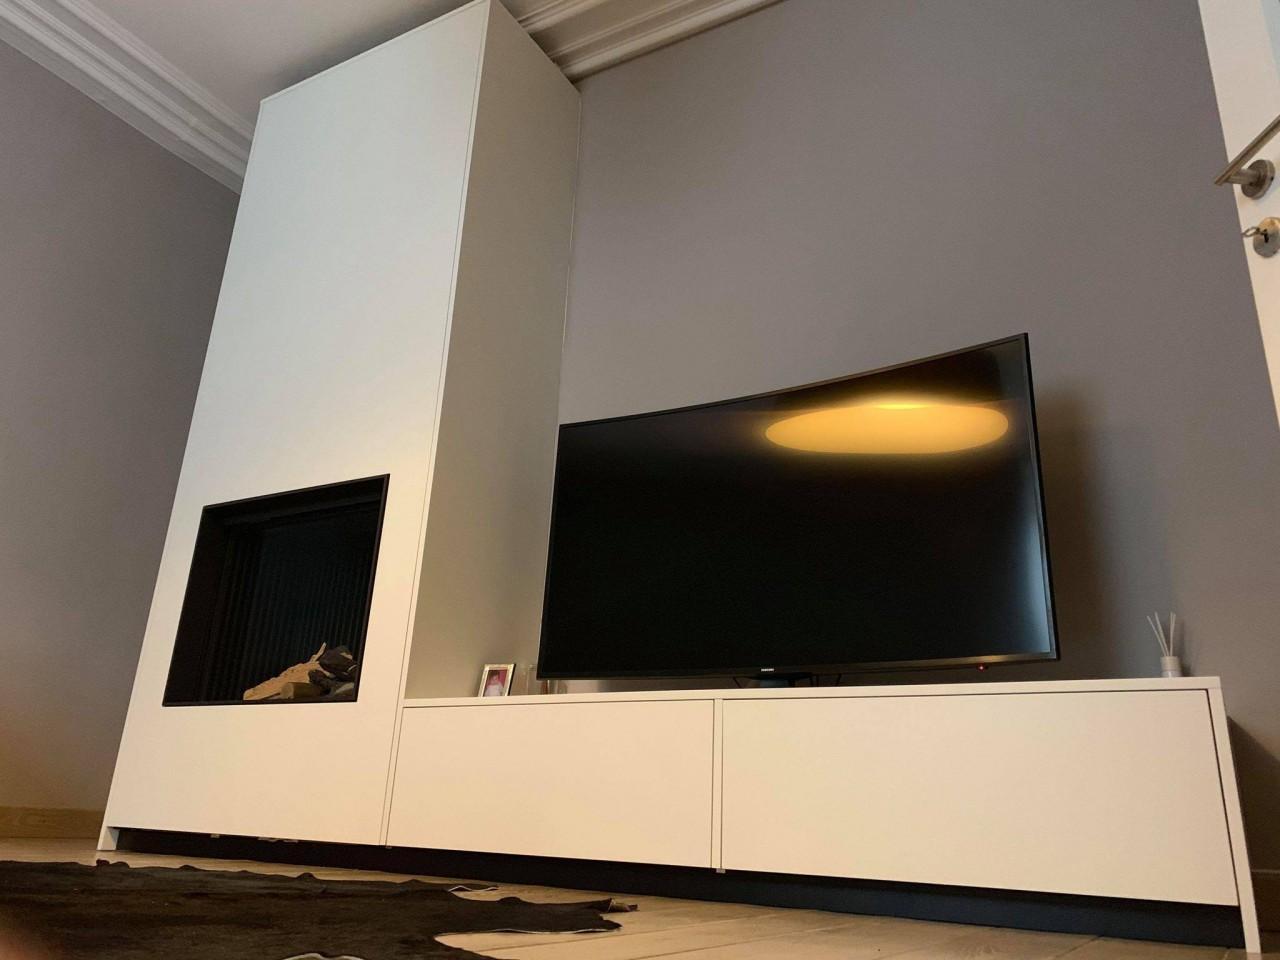 Découvrez notre conception d'un mobilier sur mesure autour d'un foyer gaz Kalfire Fireplaces.